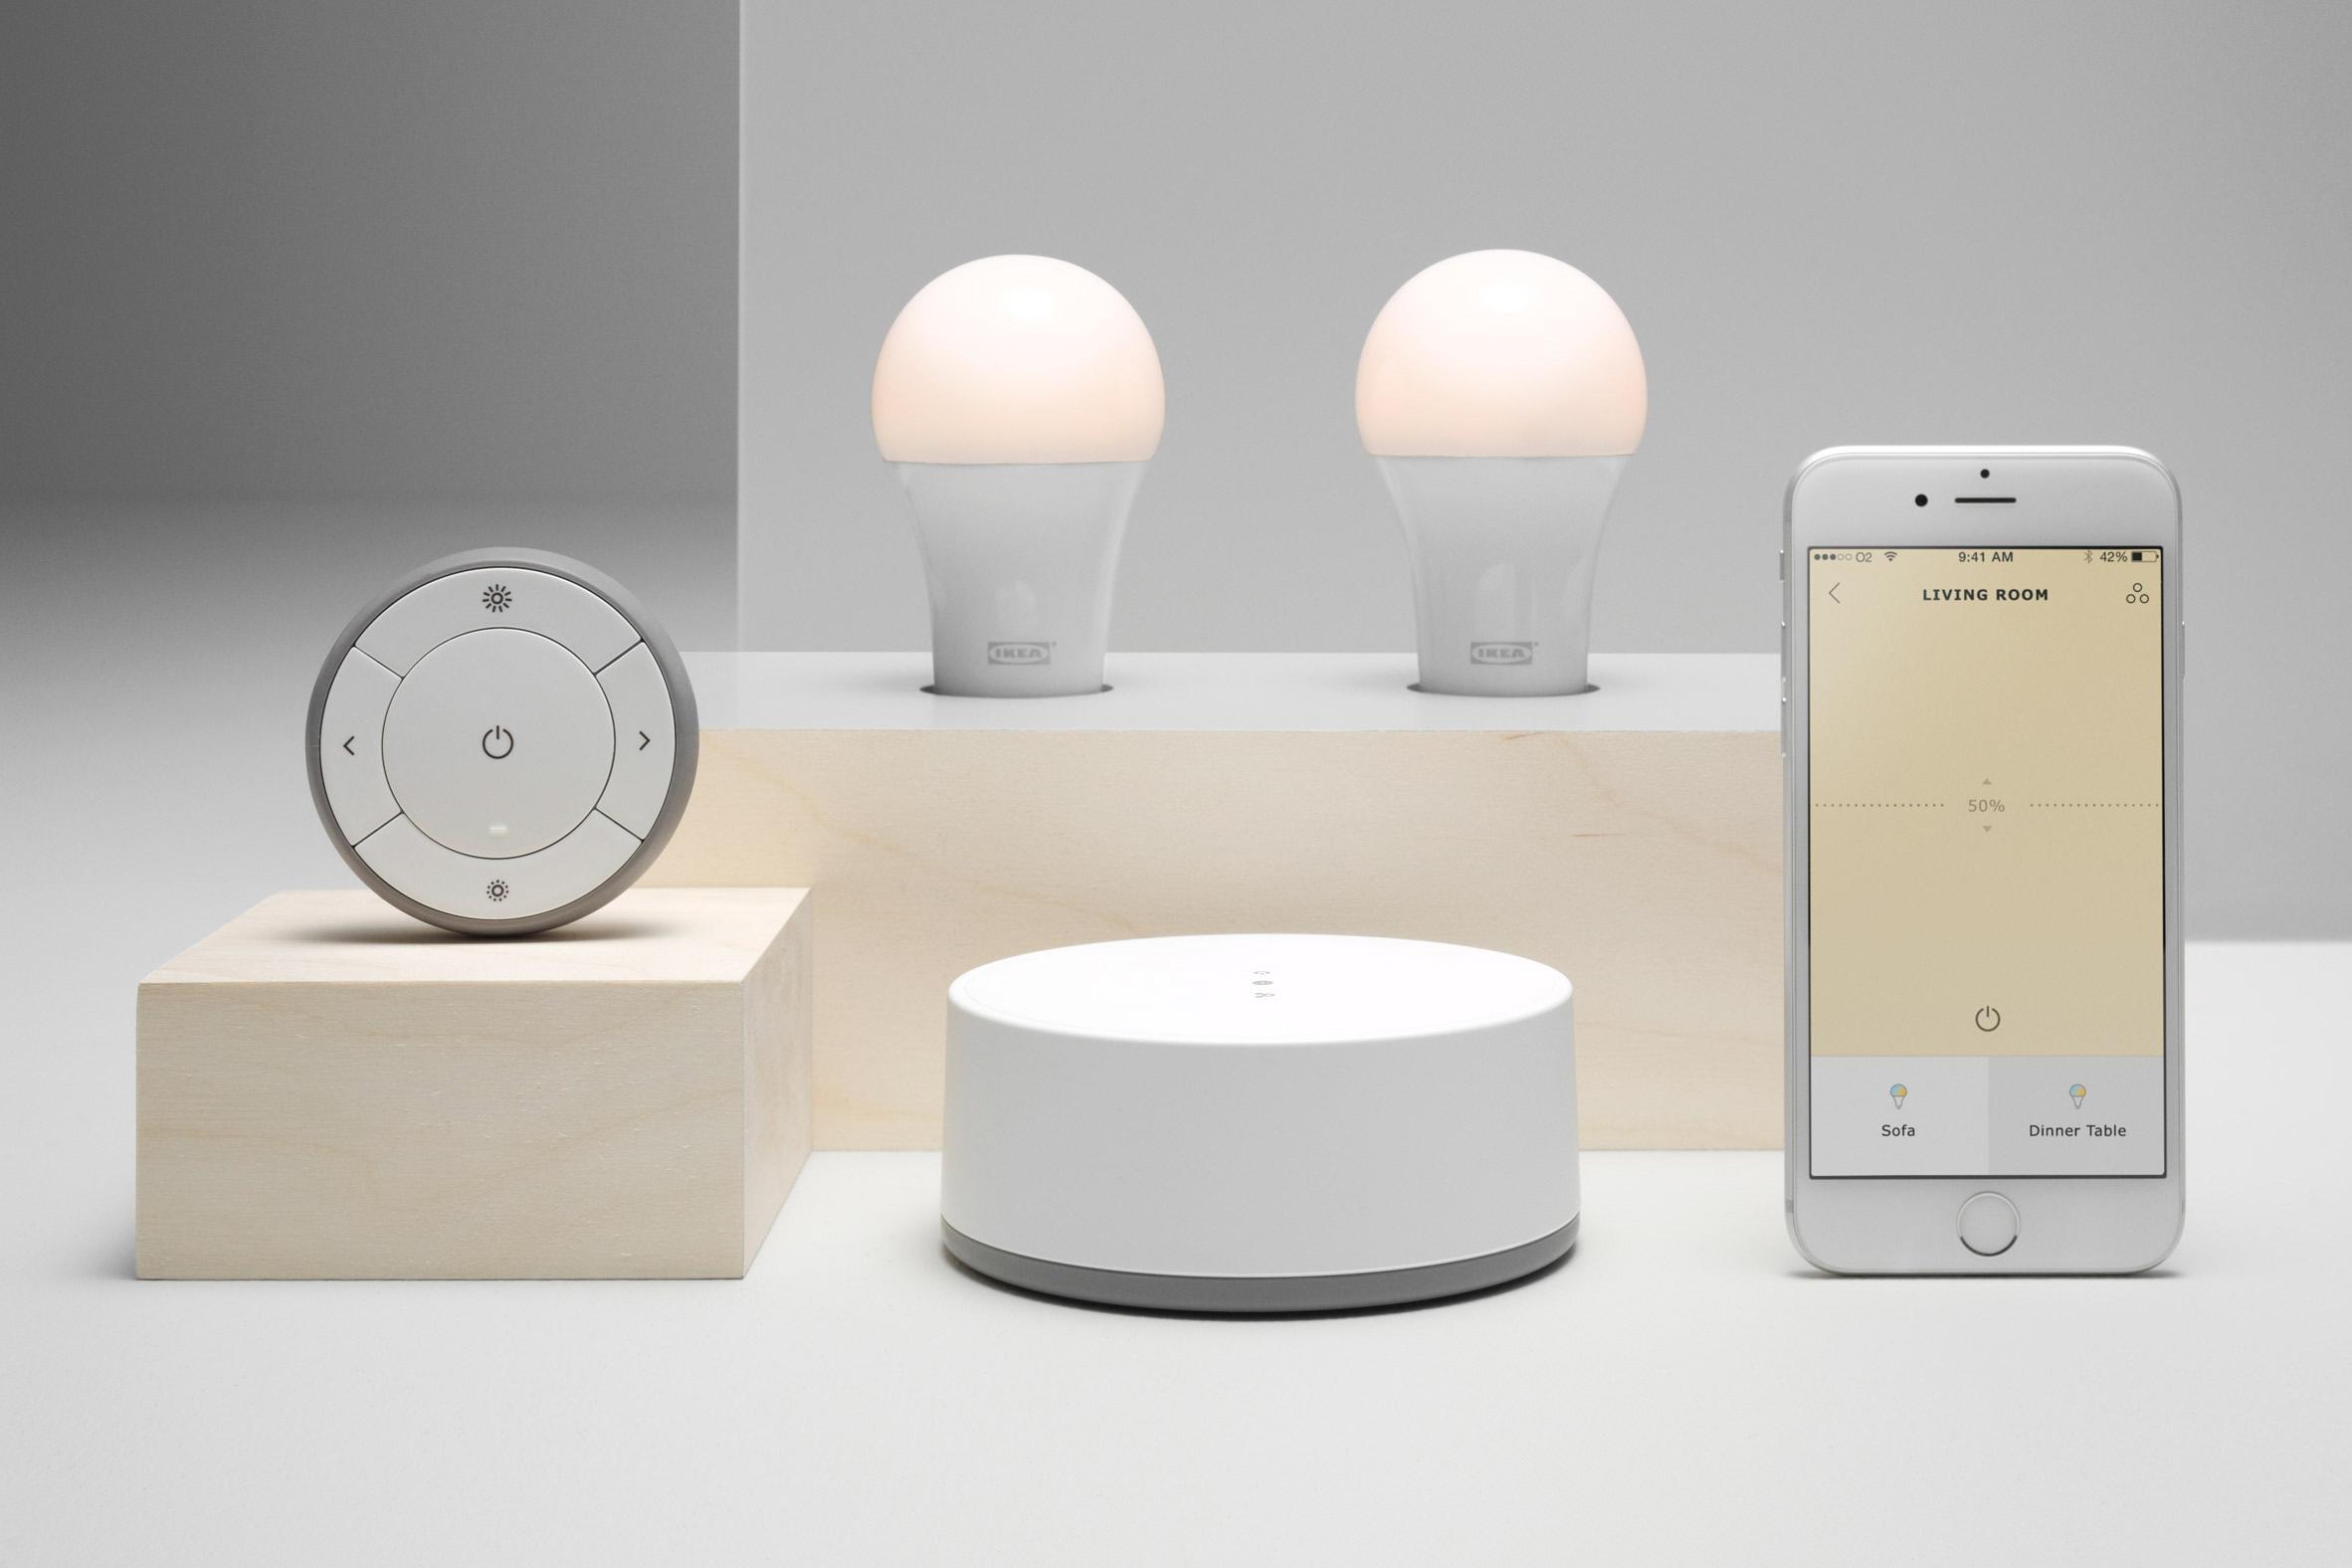 ikea-smart-lights-design-lighting-lamps_dezeen_2364_col_6 (1).jpg